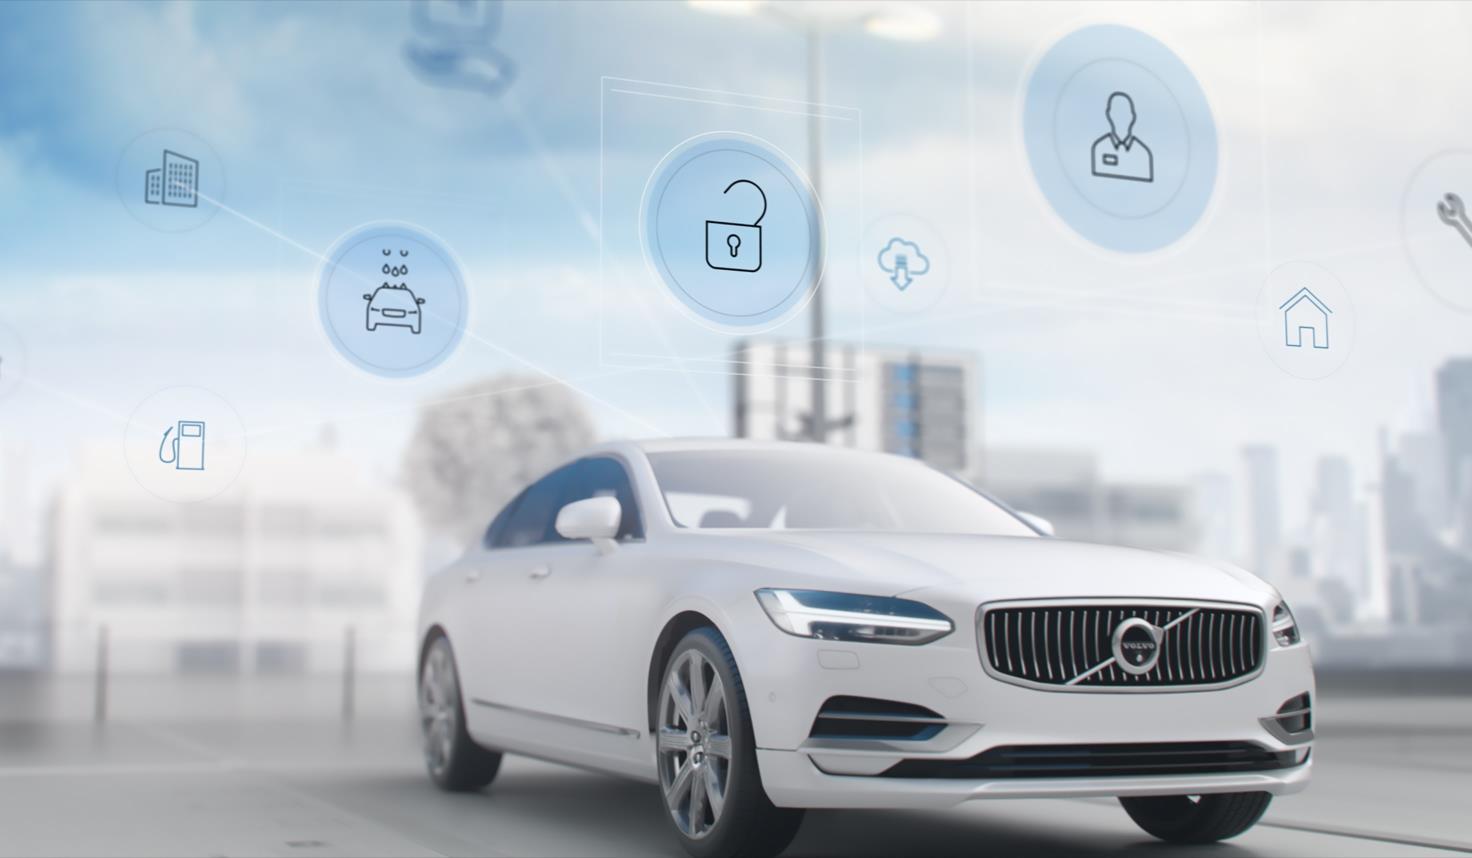 Auto connessa e intelligenza artificiale. Cosa vogliono i conducenti del futuro? [infografica]